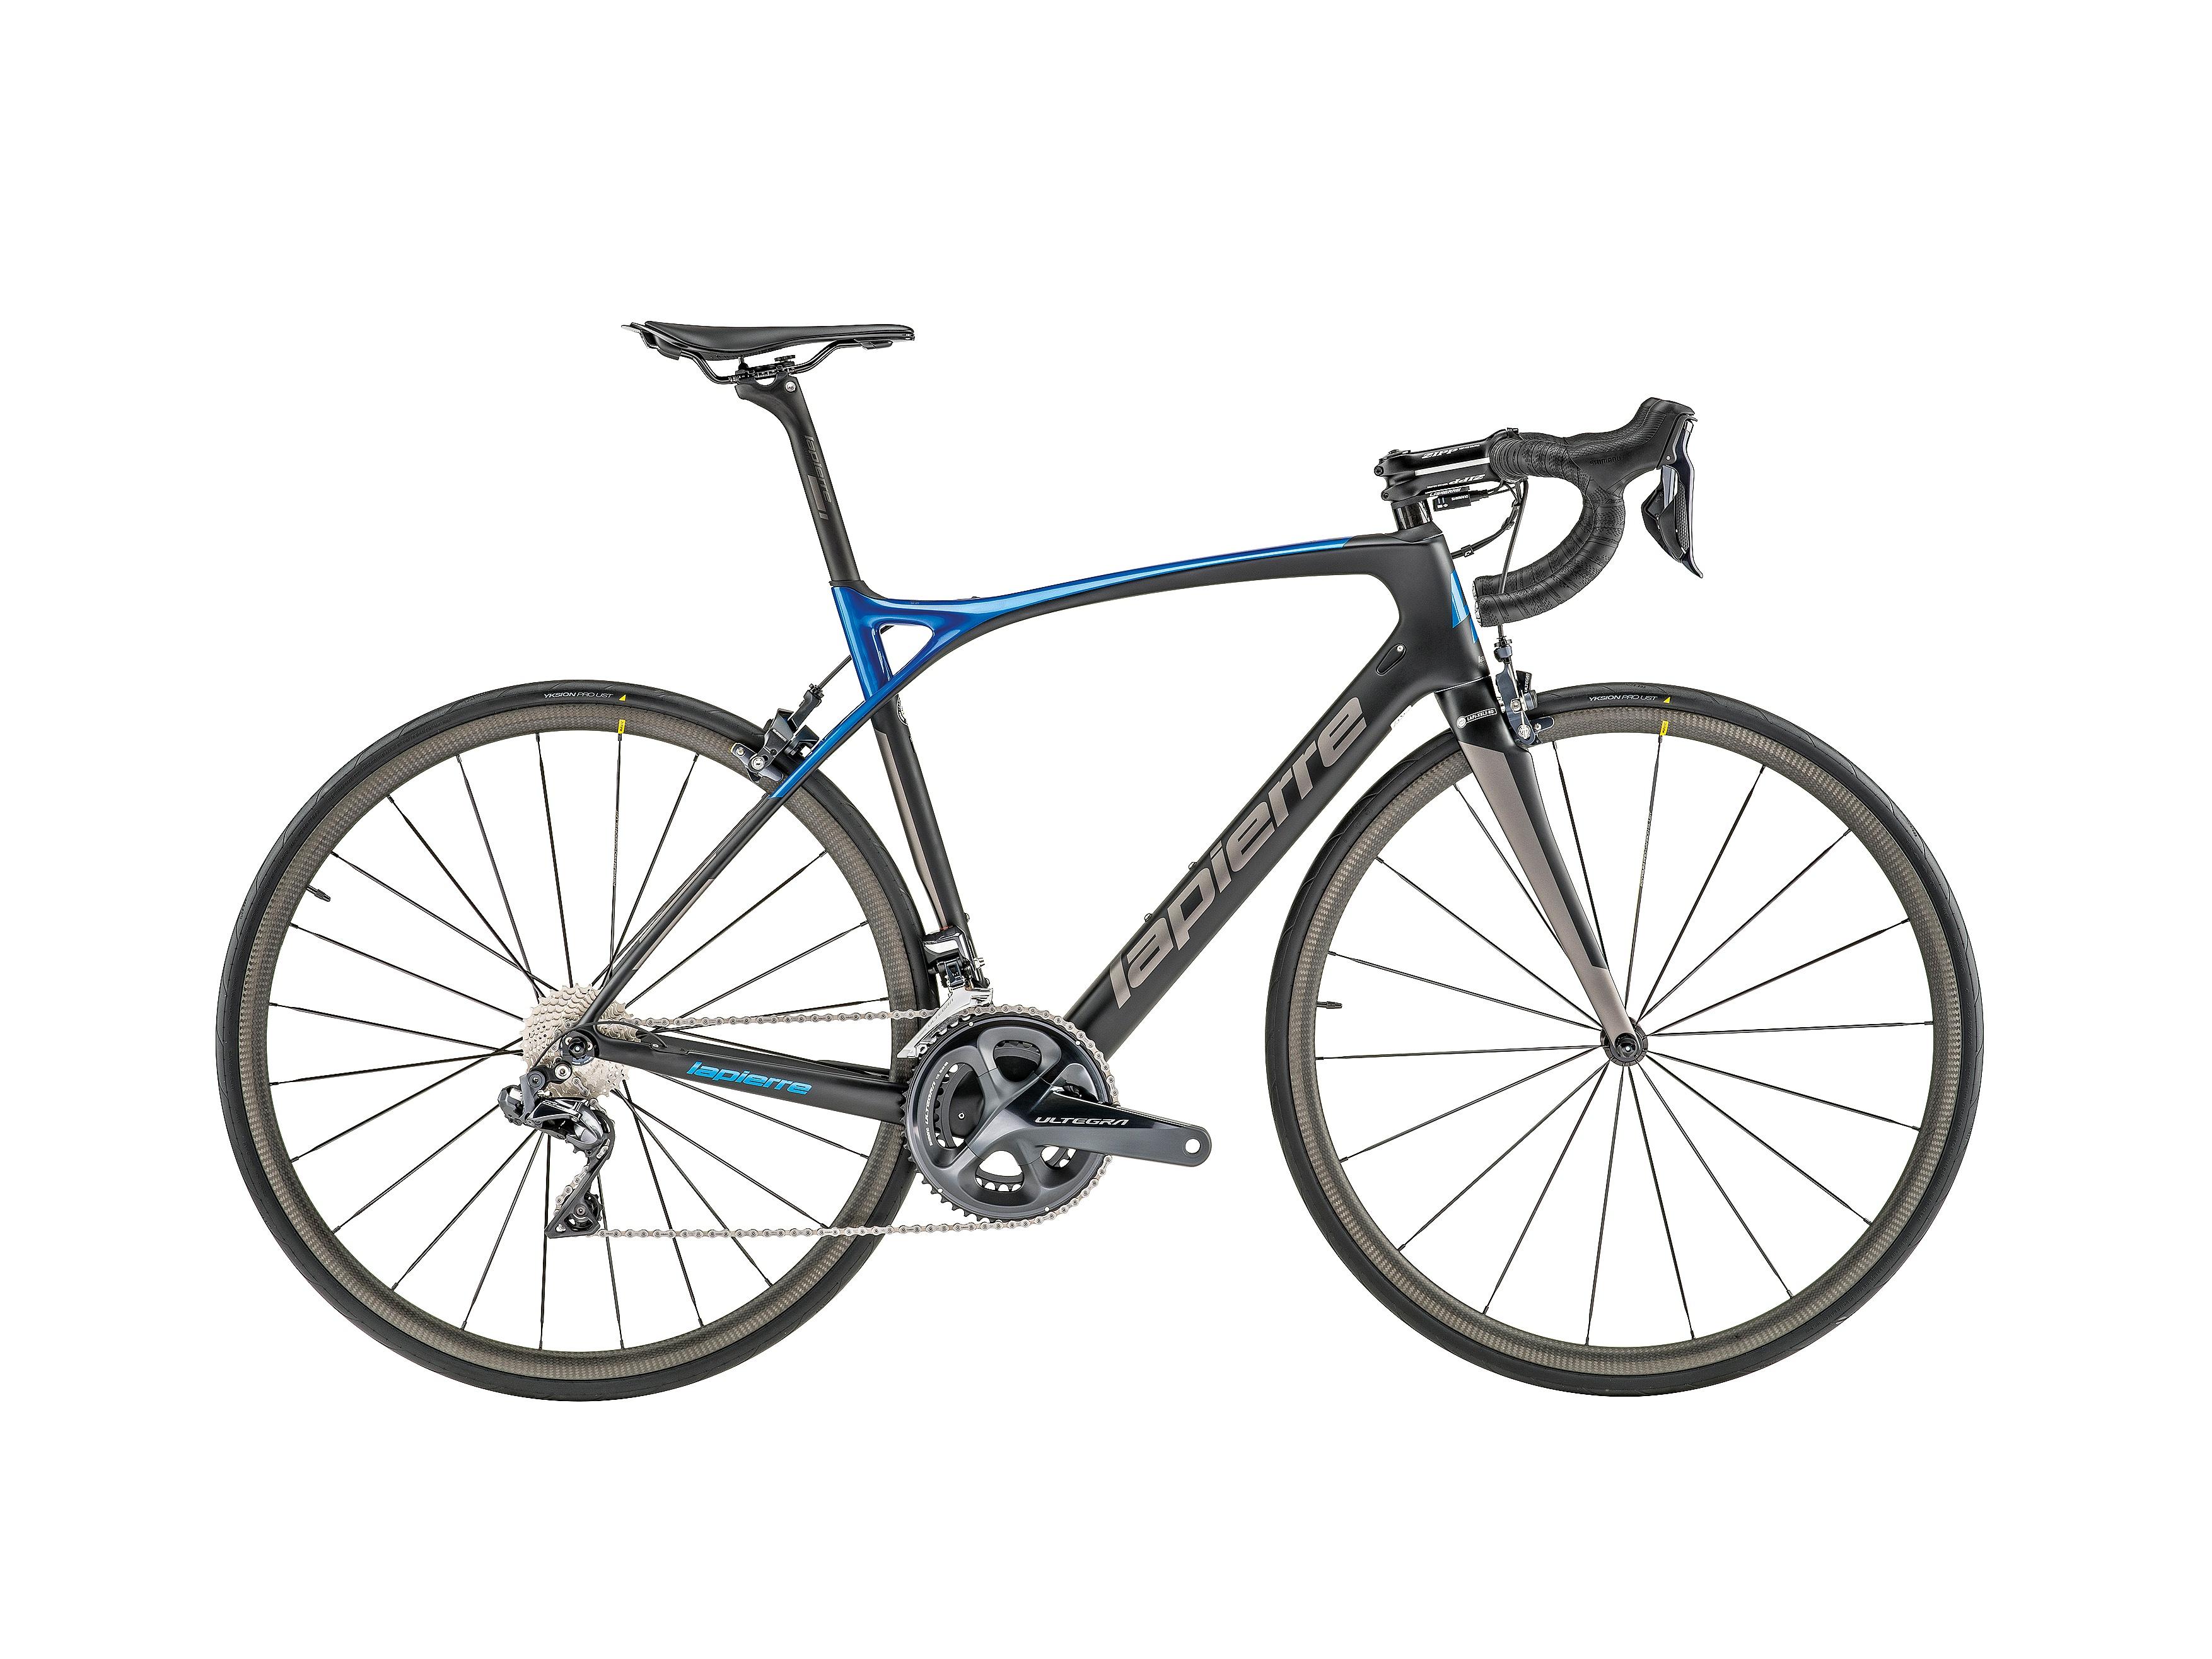 kolo Lapierre Xelius SL2 700 - Black/Blue 55/L (180-190cm)